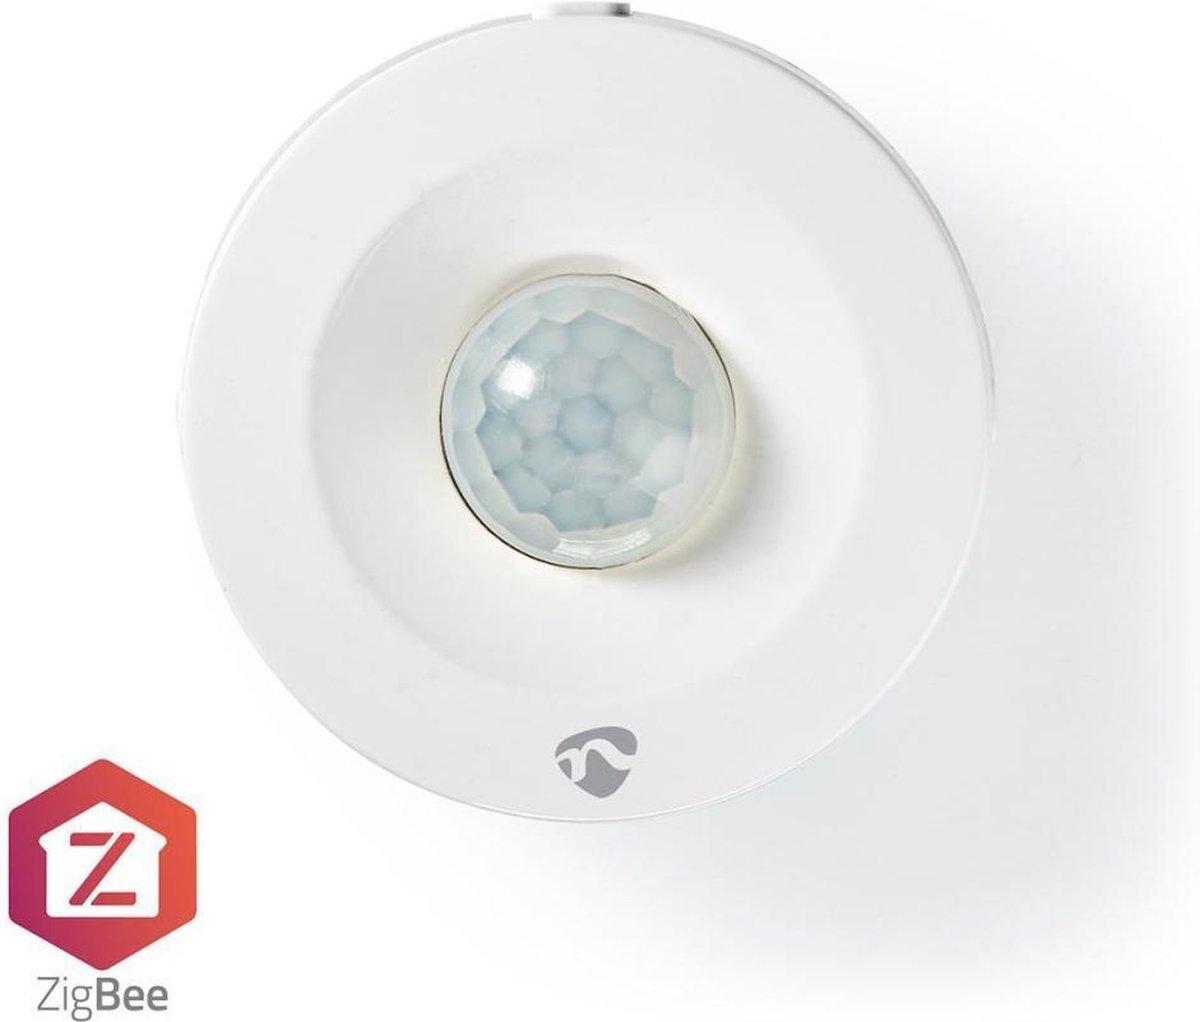 Nedis SmartLife Bewegingssensor | Zigbee | Batterij Gevoed | IP20 | Detectiehoek: 120 ° | Detectieb